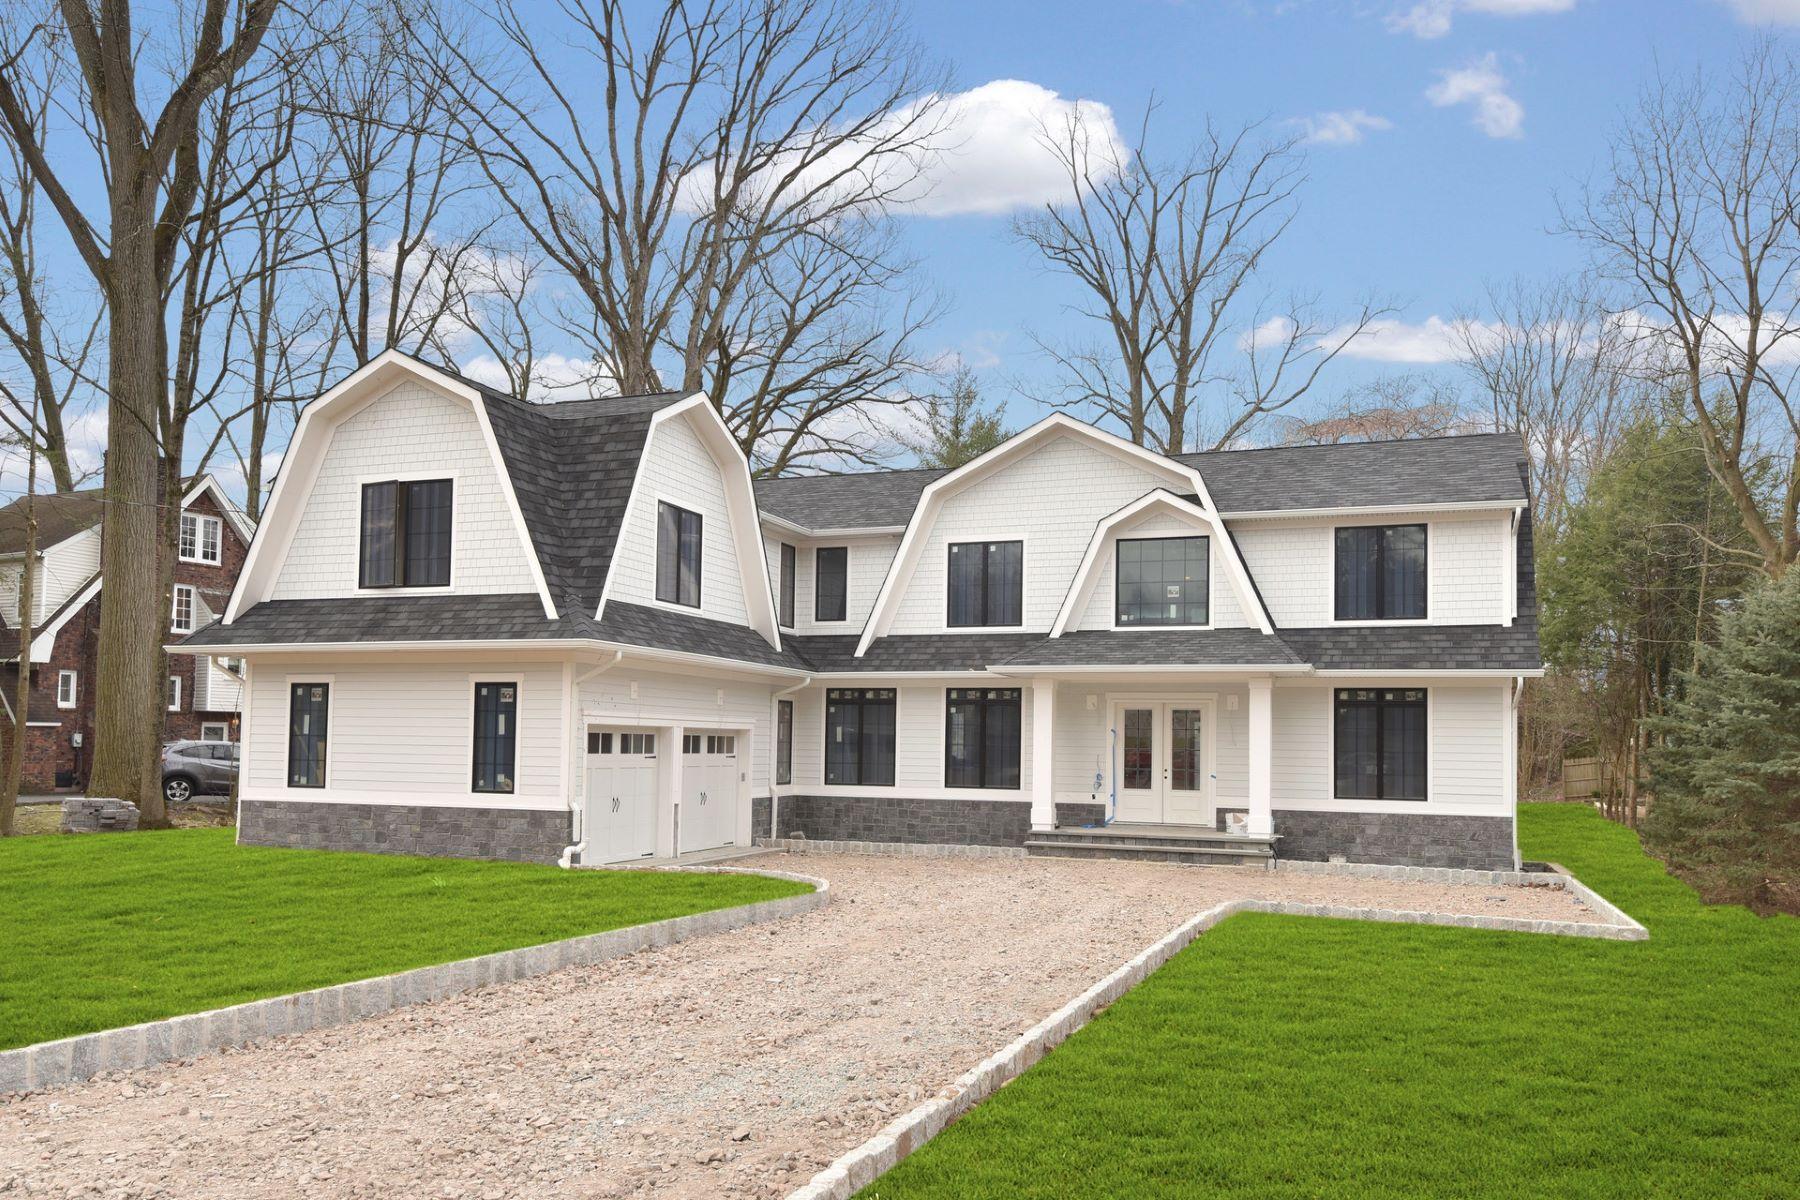 Villa per Vendita alle ore Hampton Style Colonial 50 Forest Road, Tenafly, New Jersey 07670 Stati Uniti